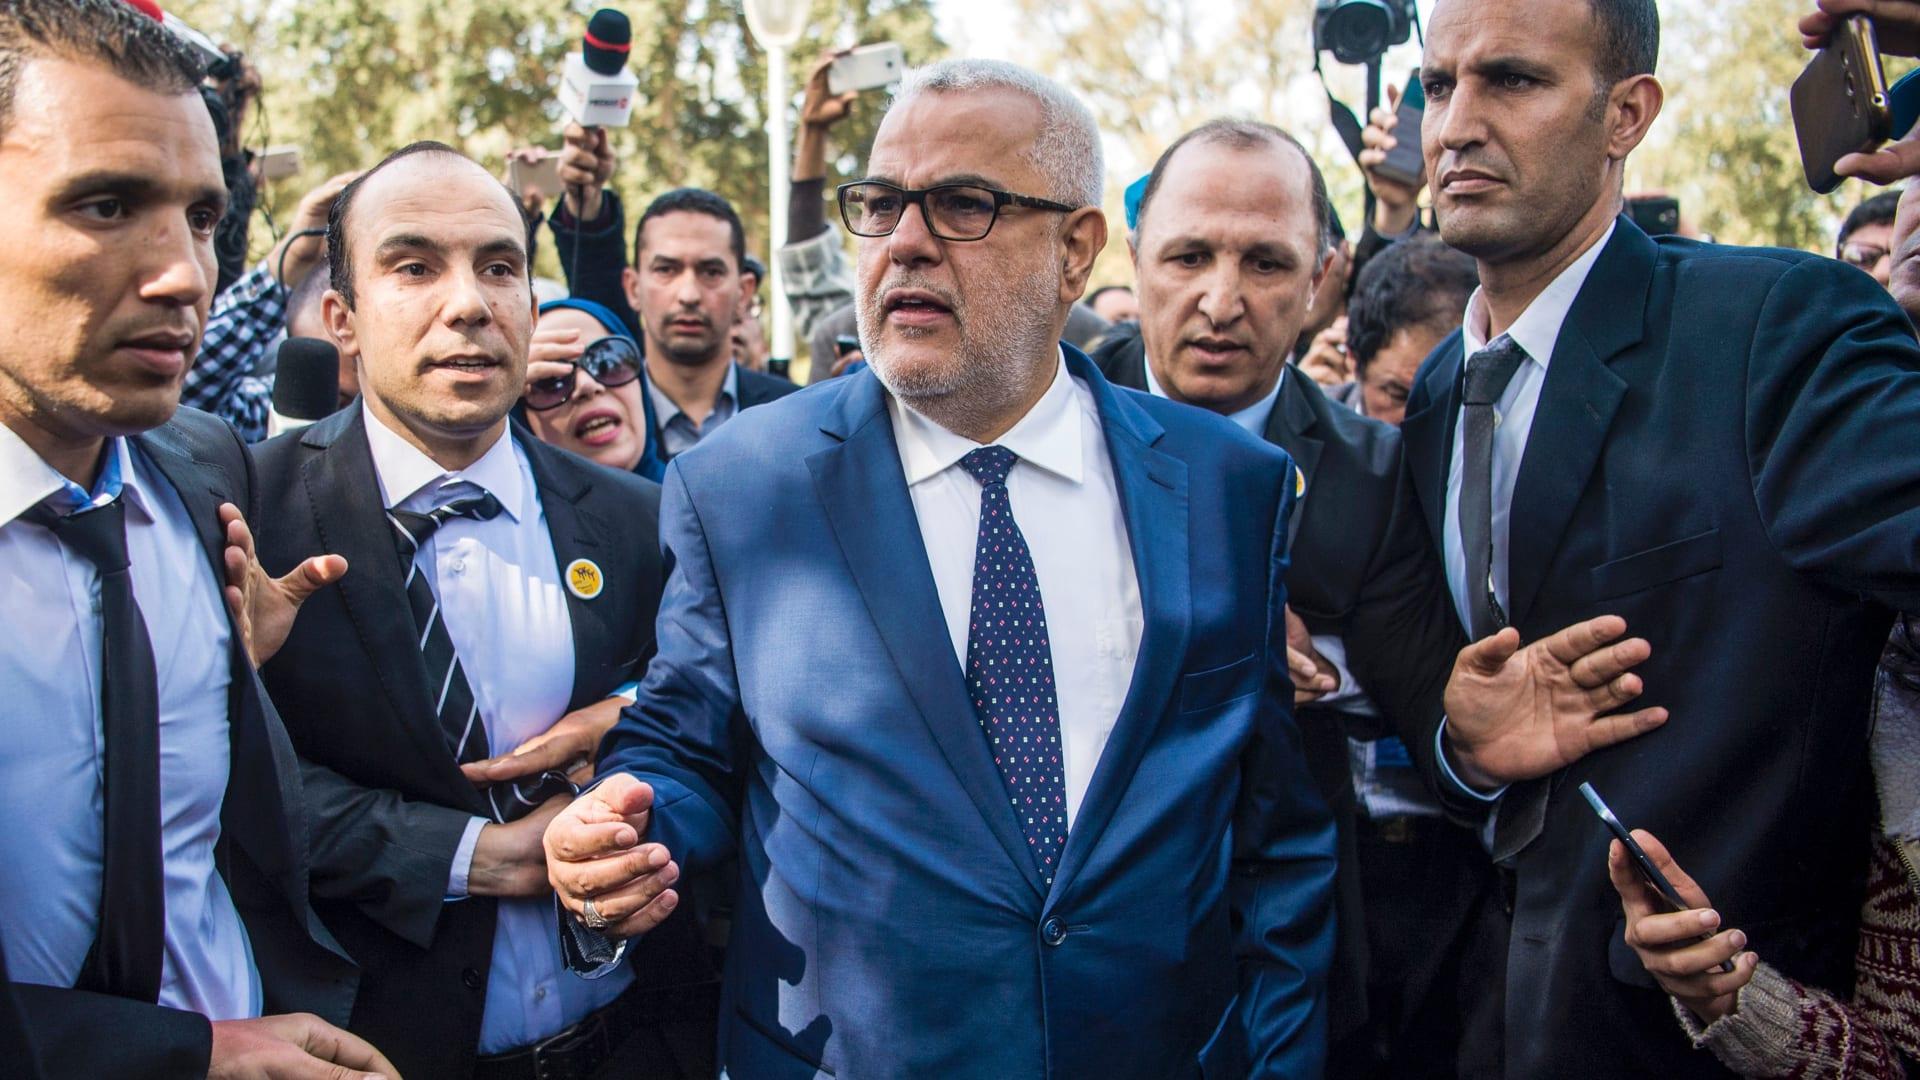 المغرب يقنن زراعة القنب الهندي.. وأمين الحزب الحاكم السابق يجمد عضويته ويقاطع رئيس الحكومة